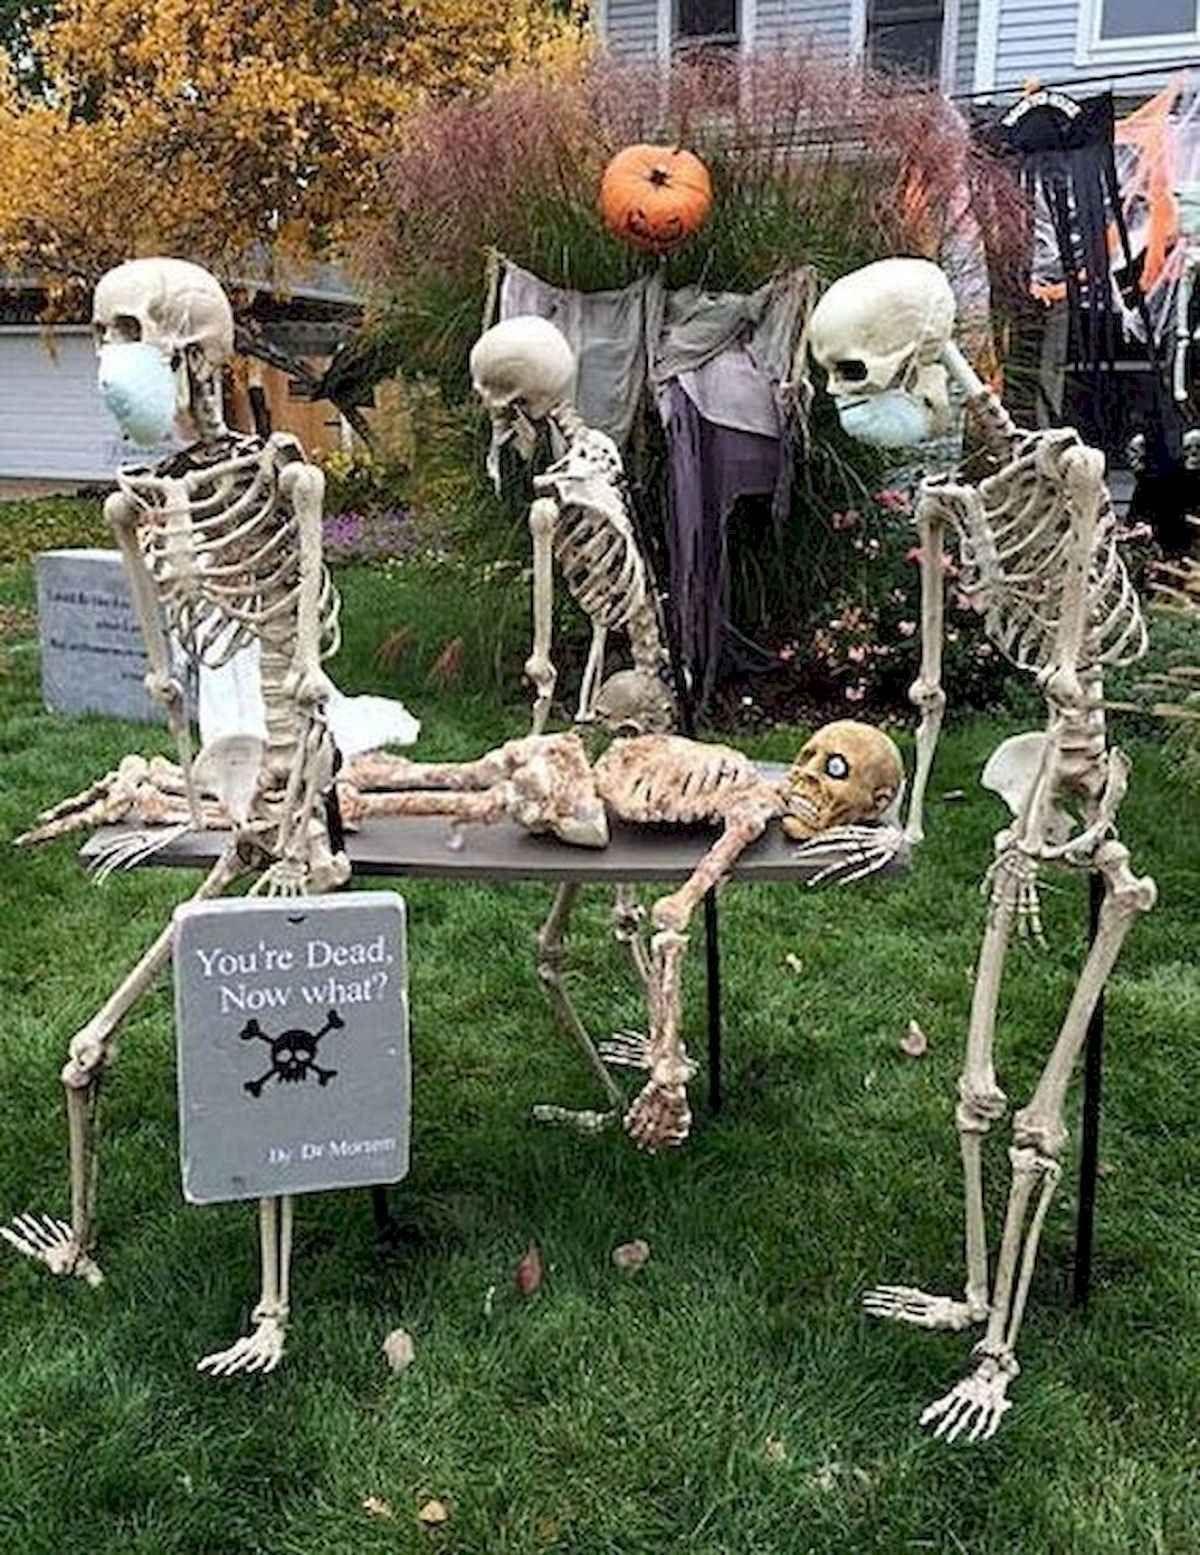 Creative Diy Outdoor Halloween Decorations.90 Awesome Diy Halloween Decorations Ideas 58 Halloween